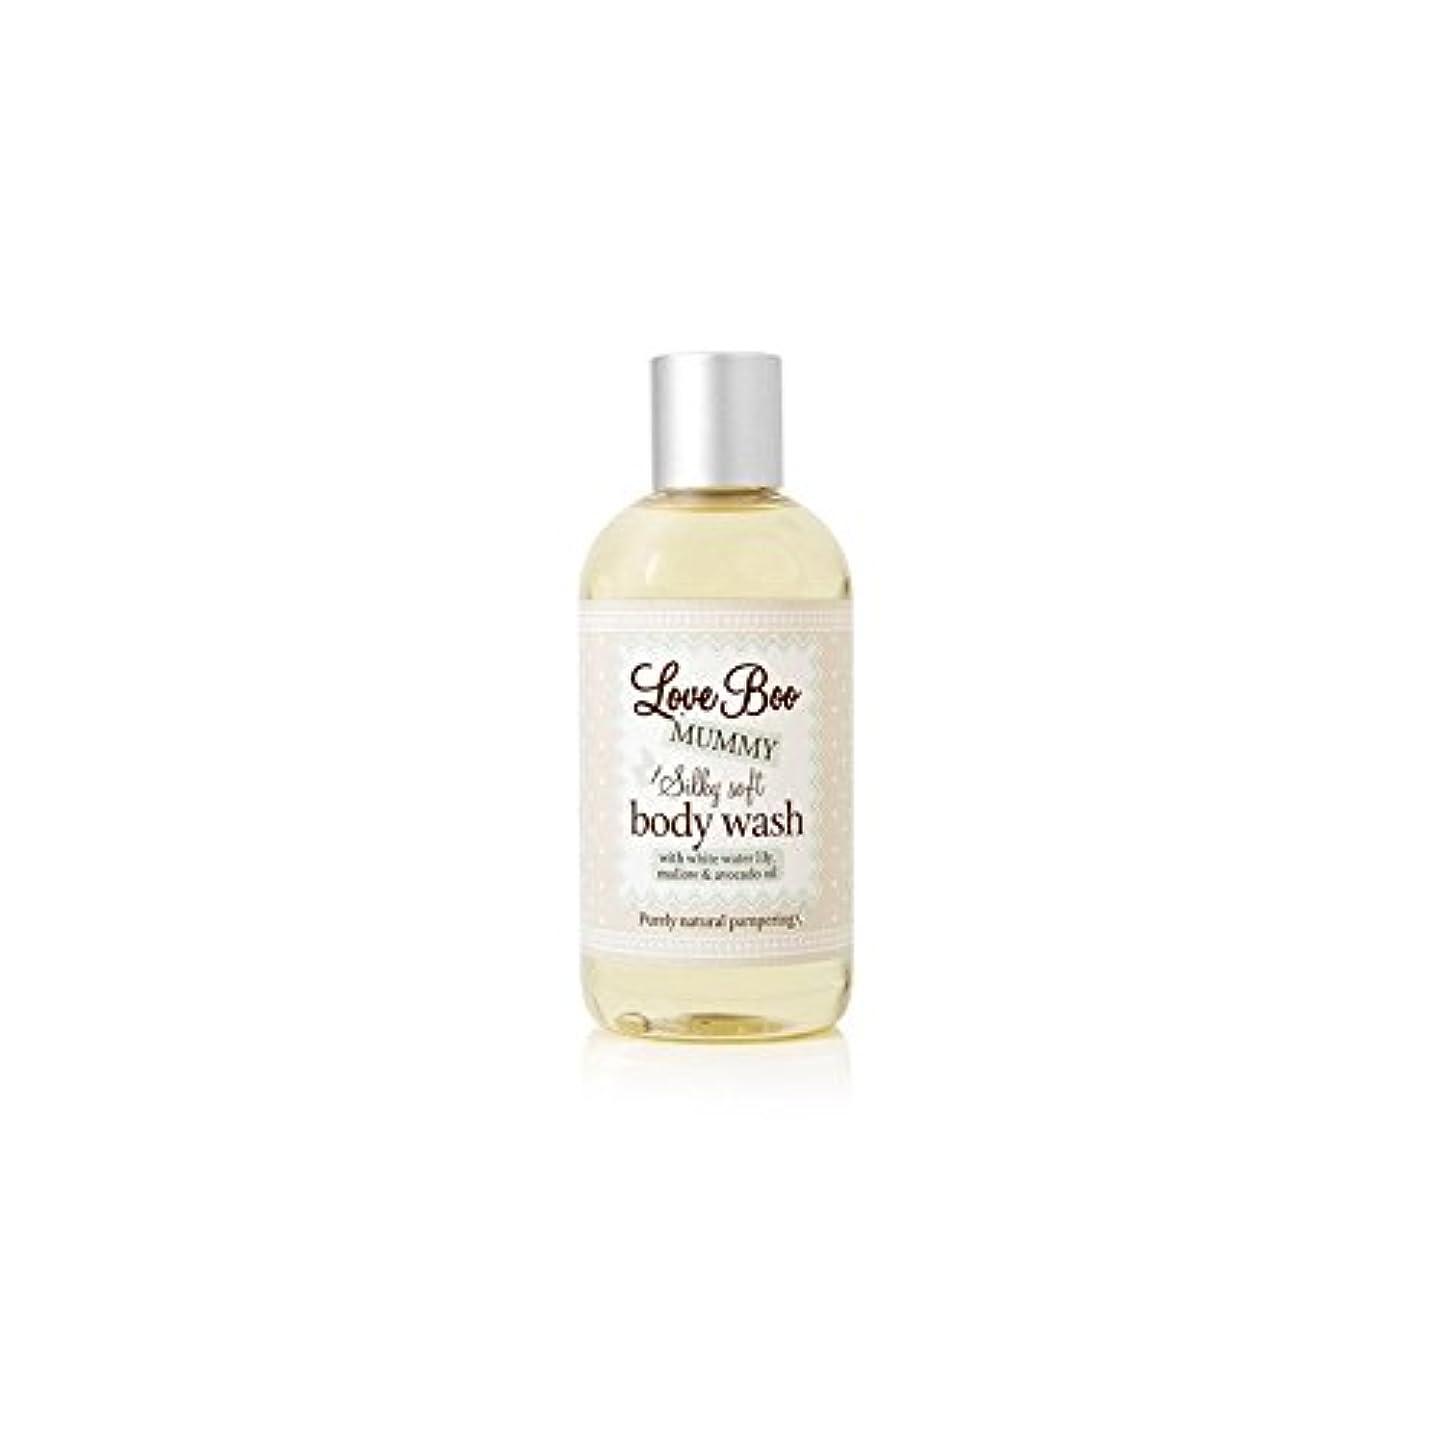 危険にさらされている年金受給者ビーチLove Boo Silky Soft Body Wash (250ml) (Pack of 6) - 絹のようなソフトボディウォッシュ(250ミリリットル)愛 x6 [並行輸入品]